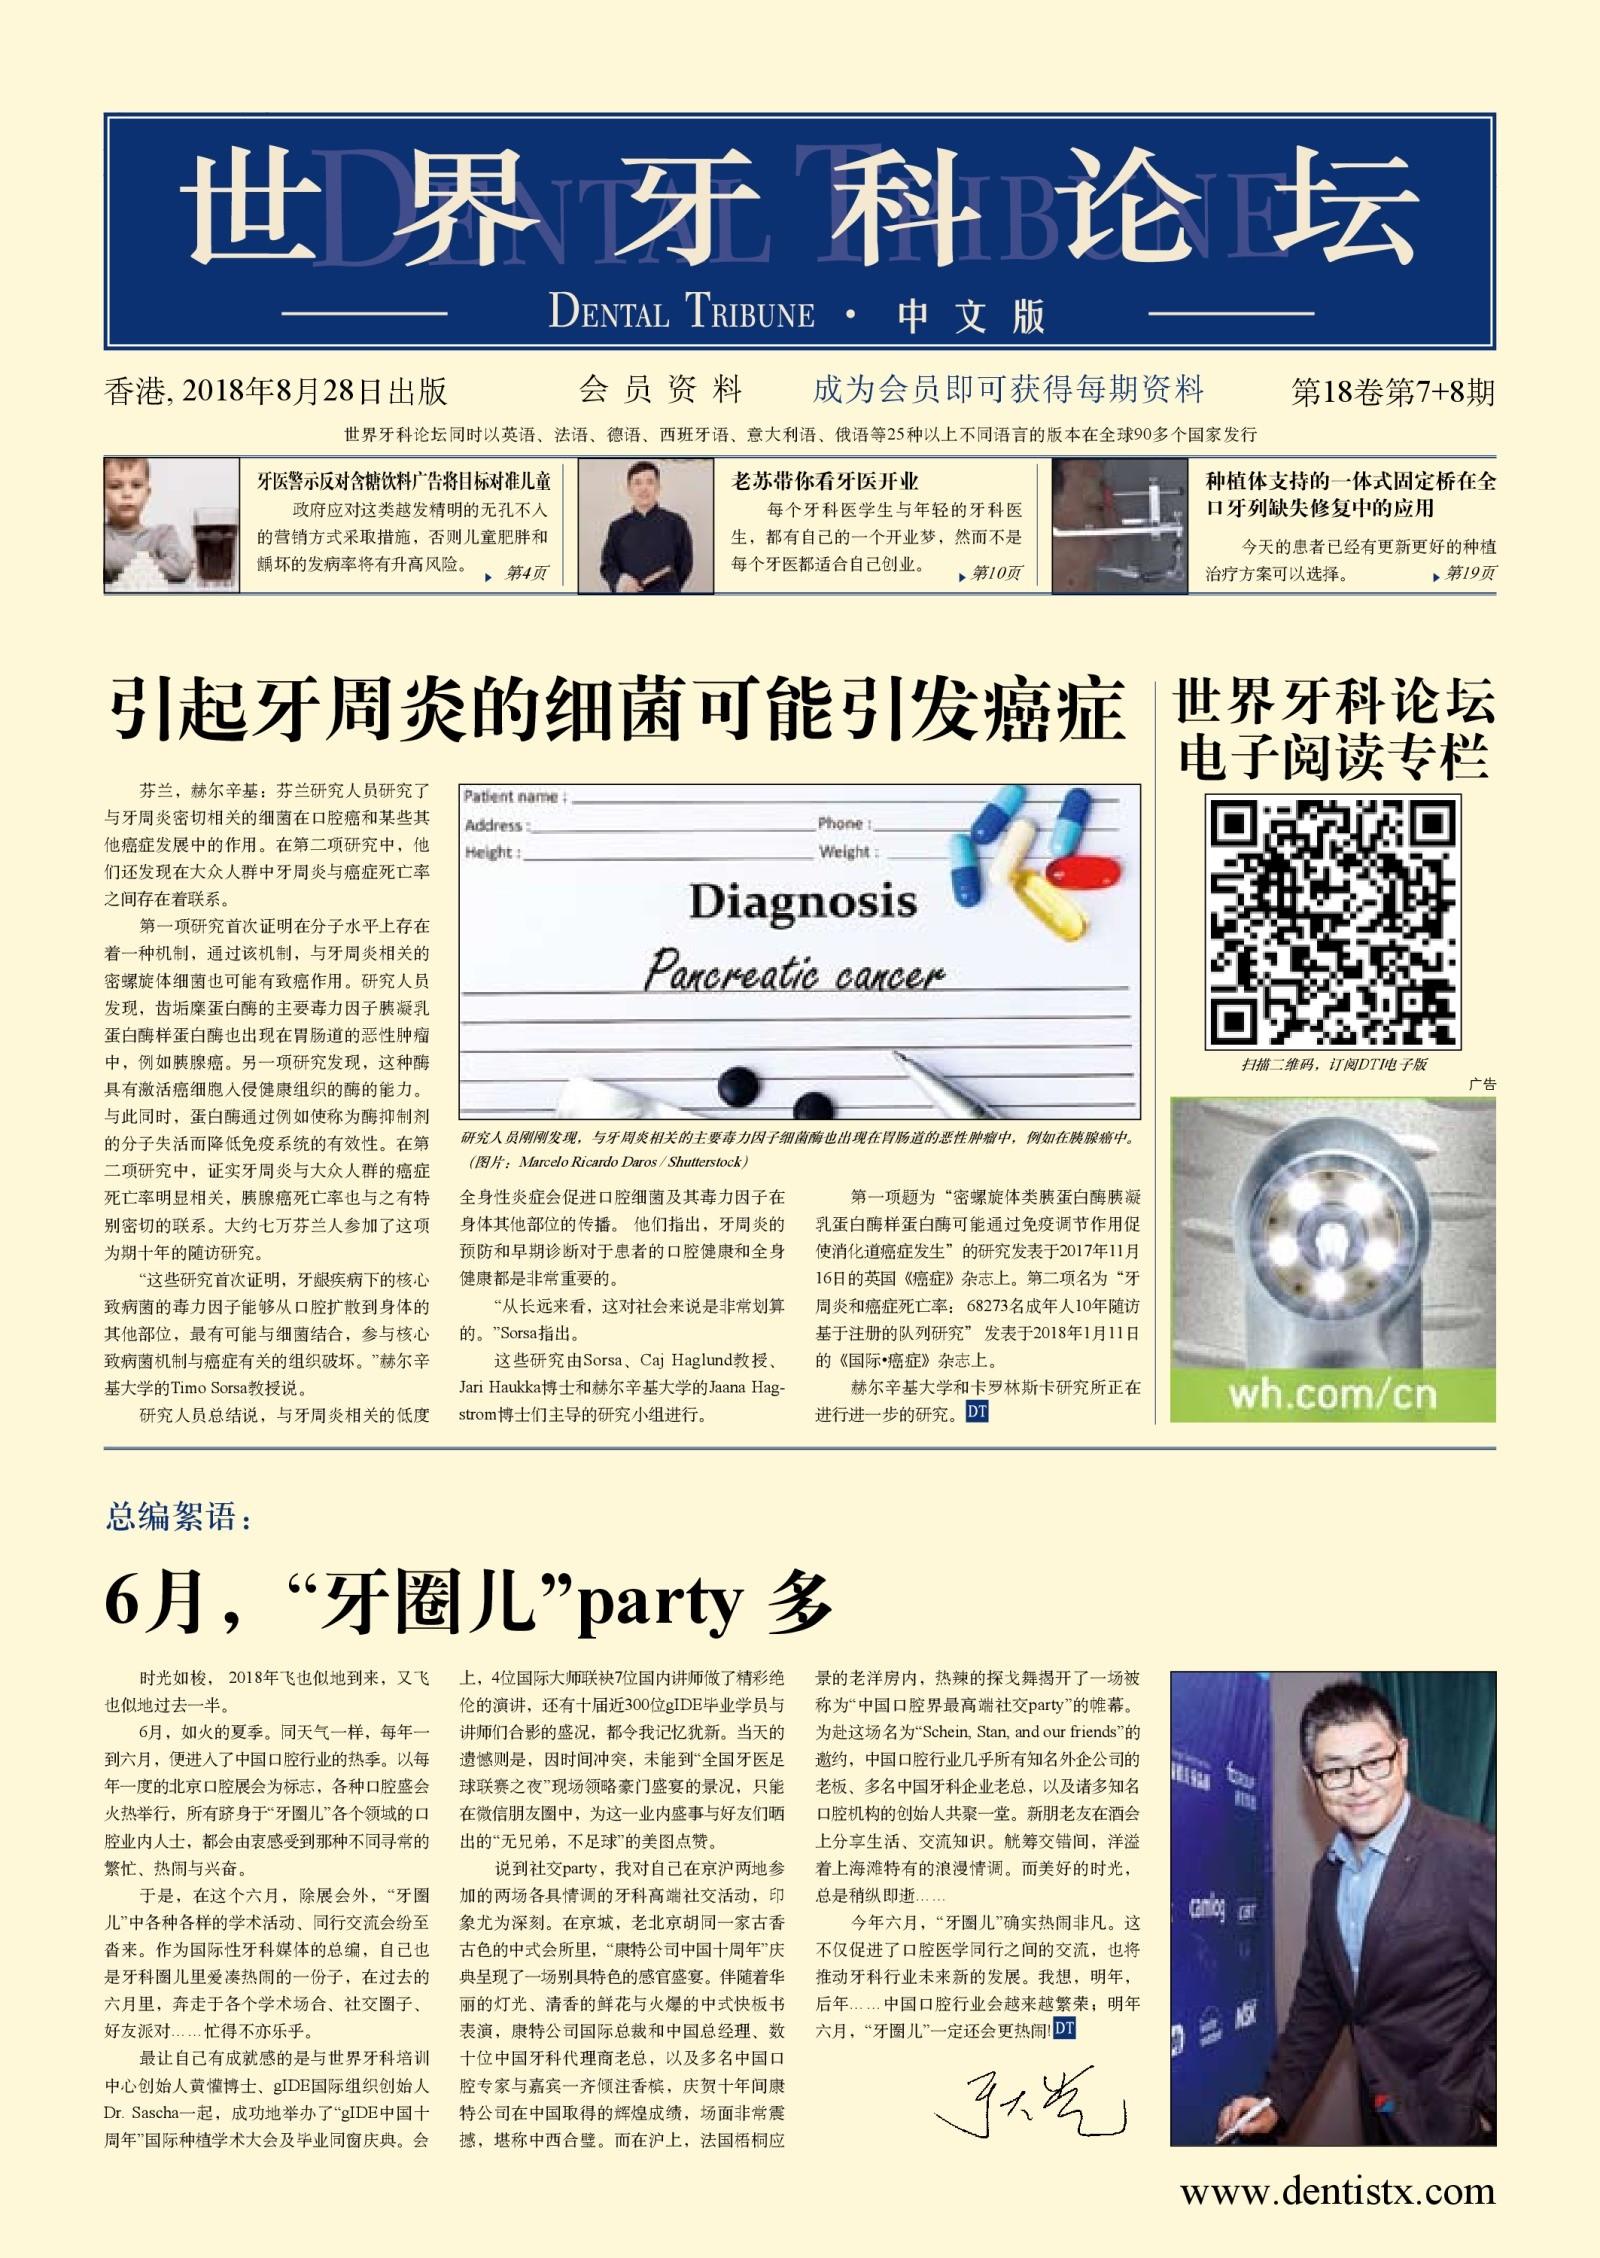 DT China No 7 8 2018